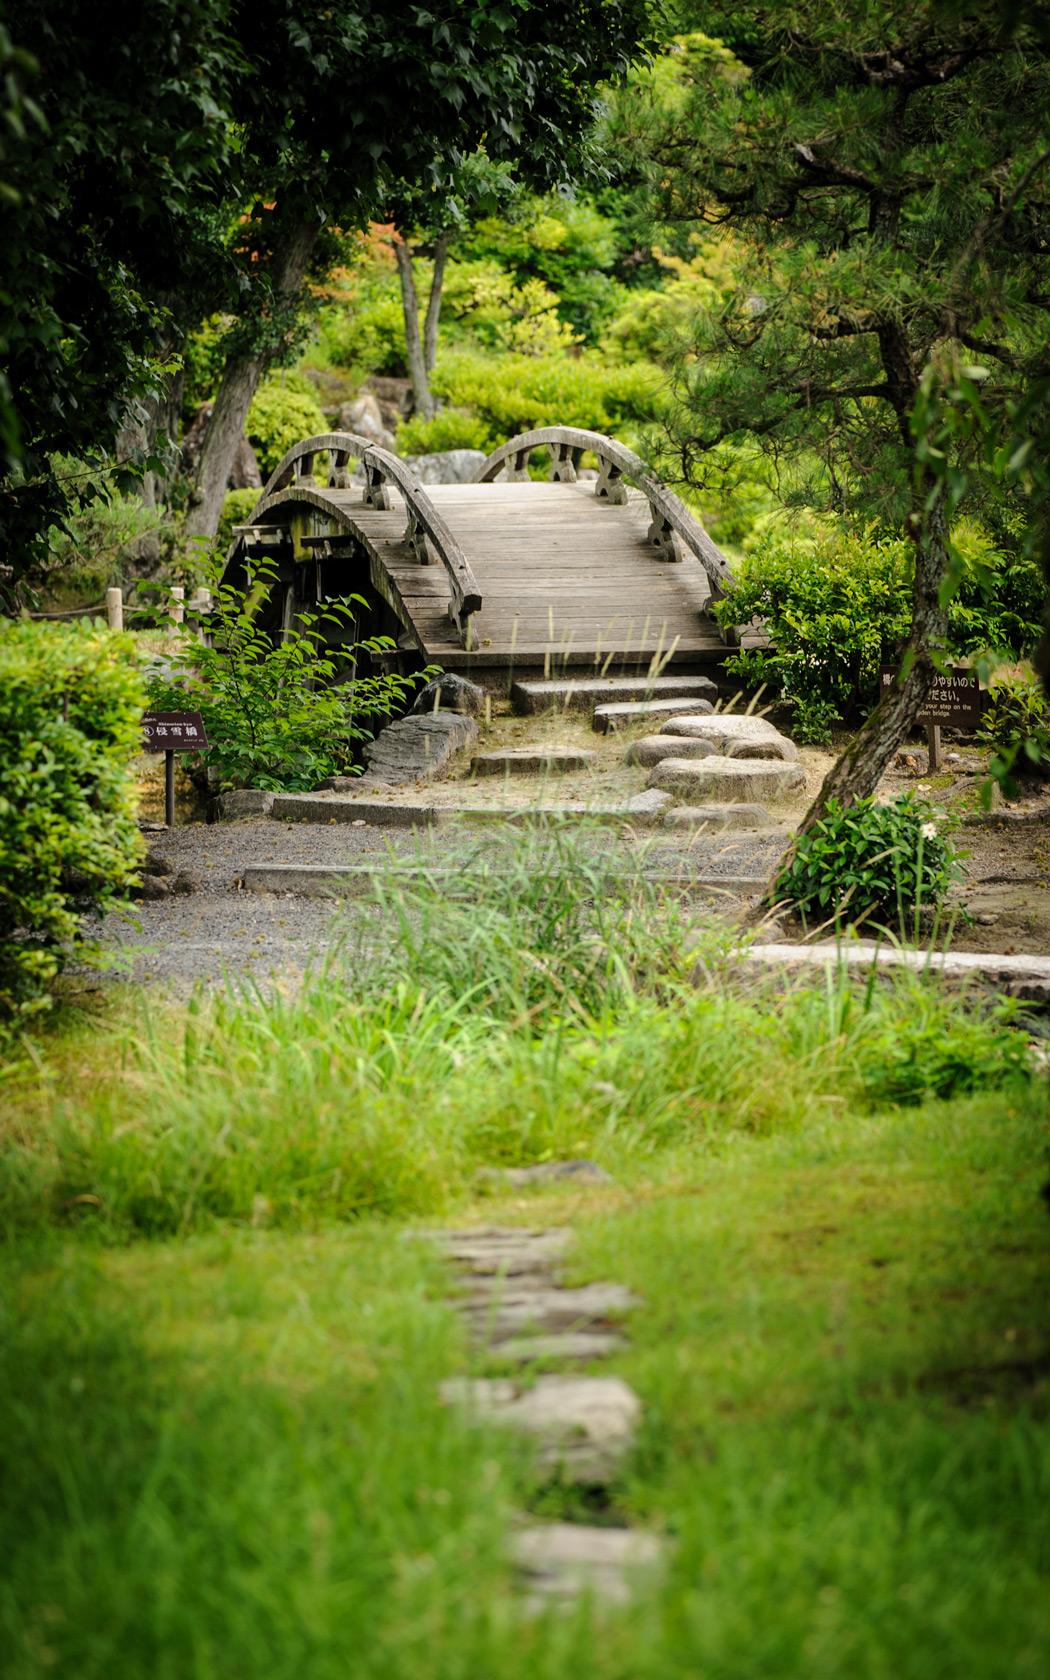 Jeffrey friedl 39 s blog first peek at the shouseien temple - Nature wallpaper vertical ...